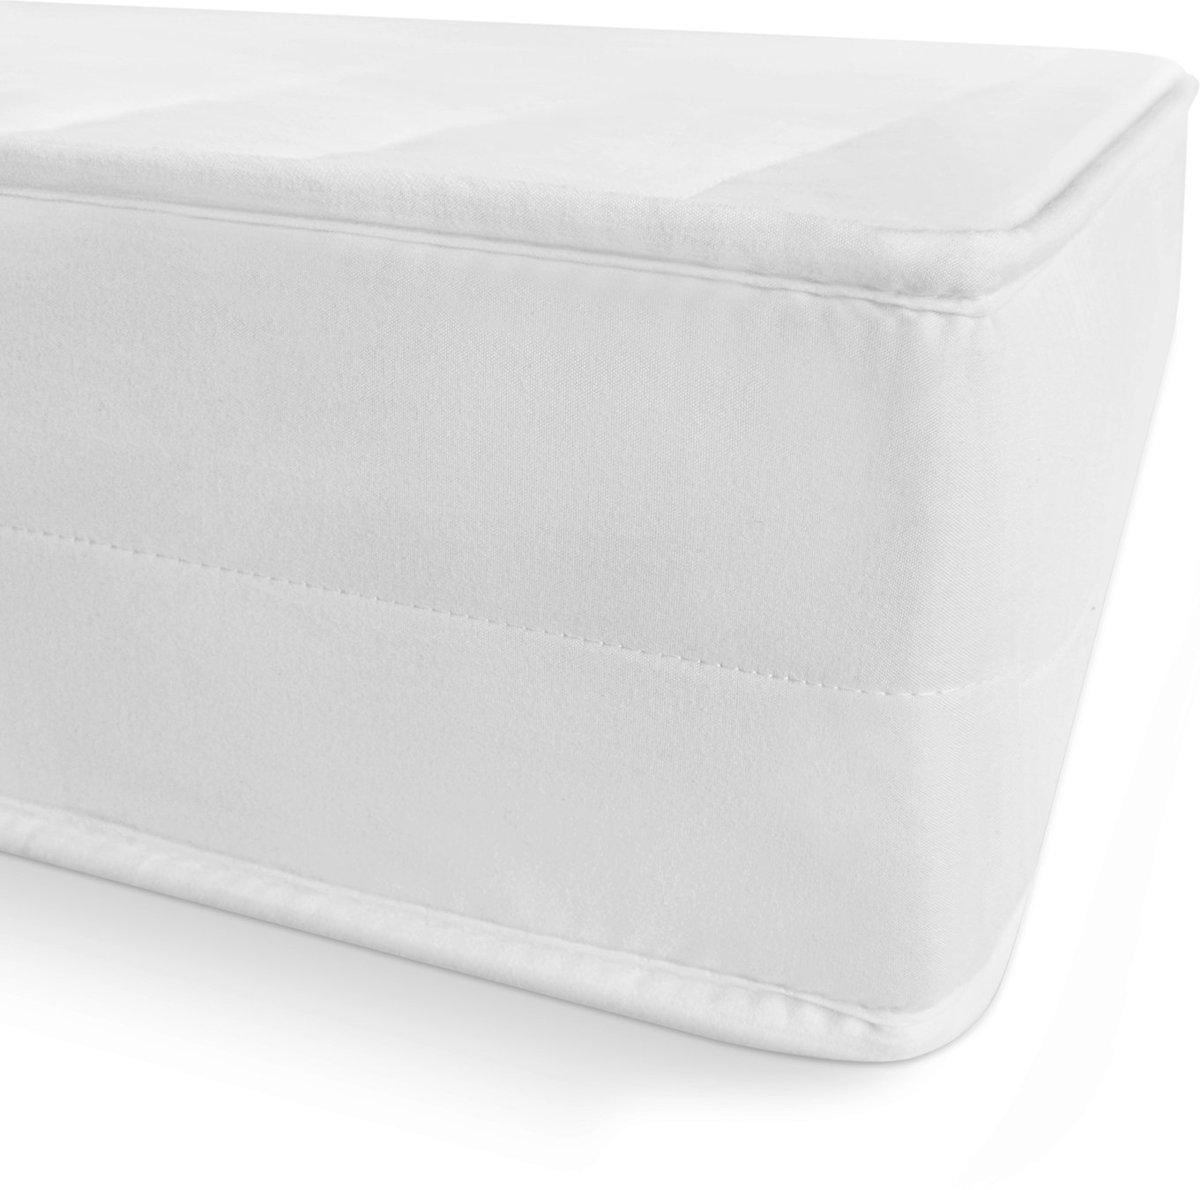 Matras - 160x200 - 7 zones - koudschuim - microvezel tijk - 15 cm hoog - twijfelaar bed